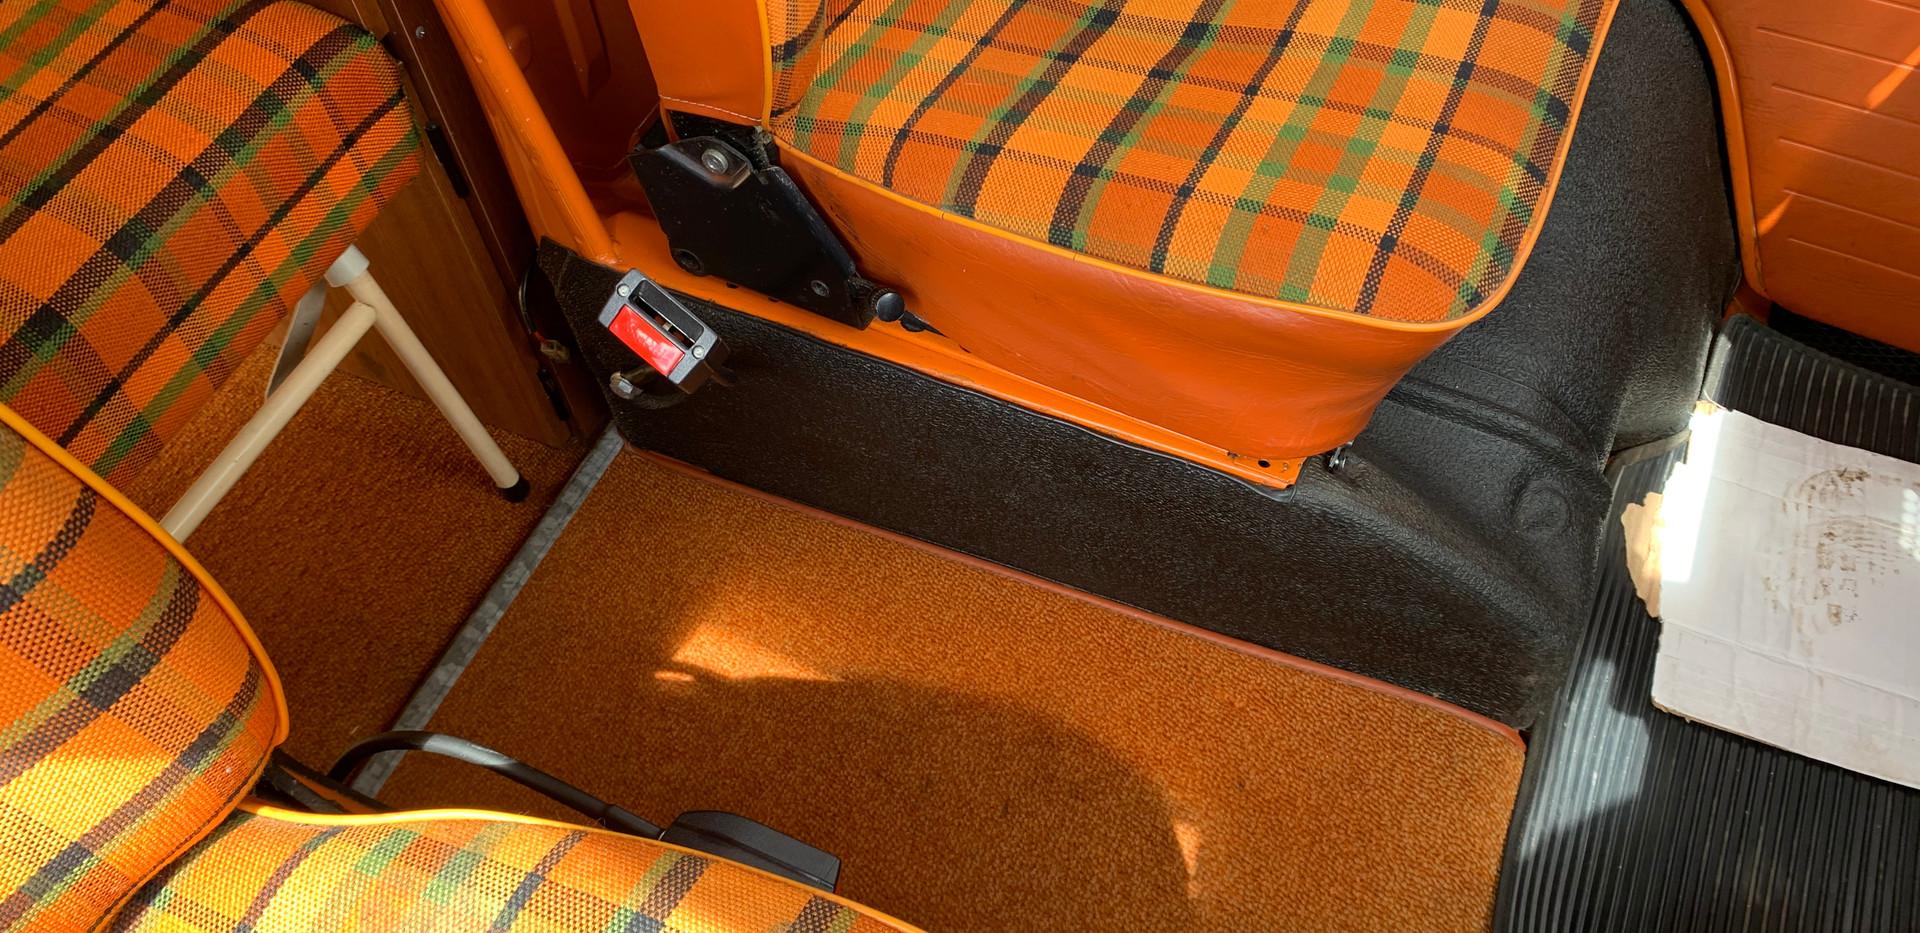 Car seat.jpg